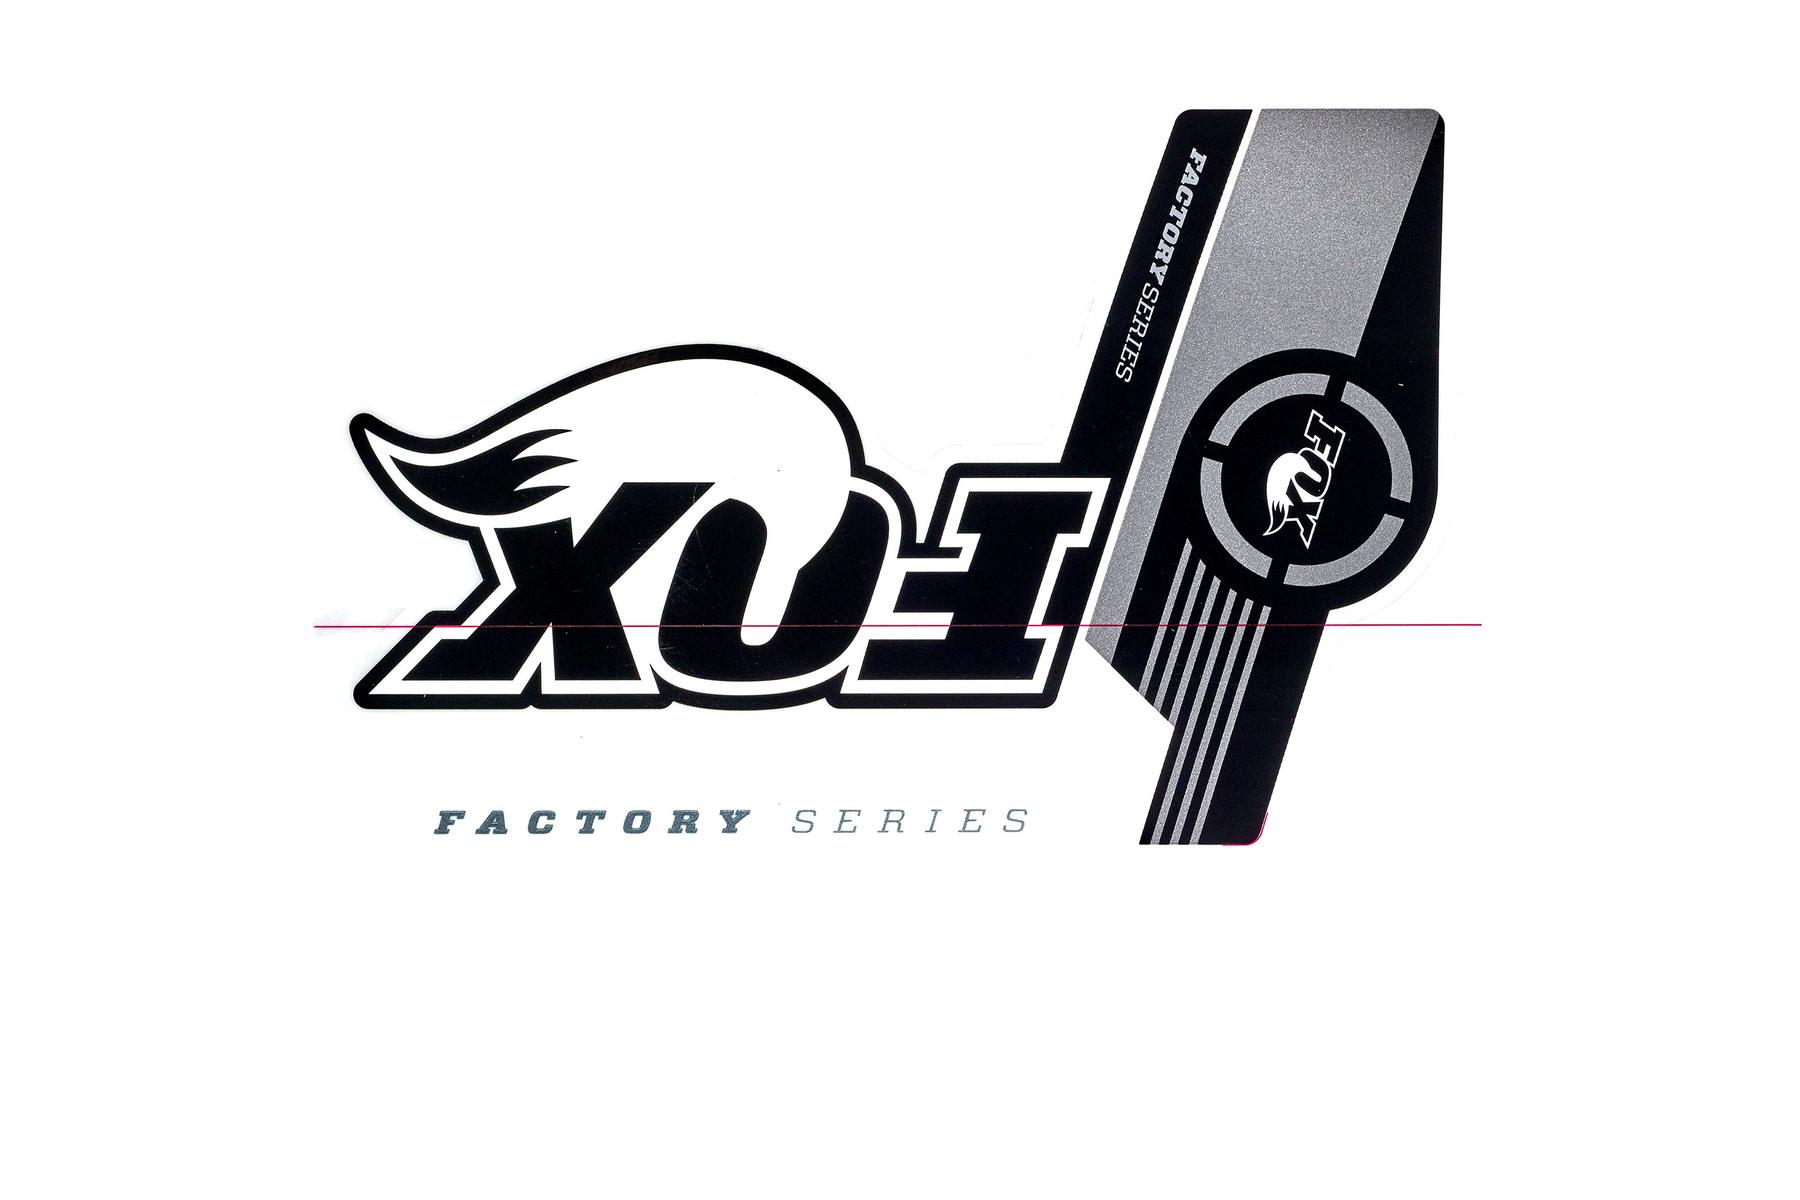 Fox FOX Factory Series Aufkleber / Decals/ Sticker für 36er Gabeln